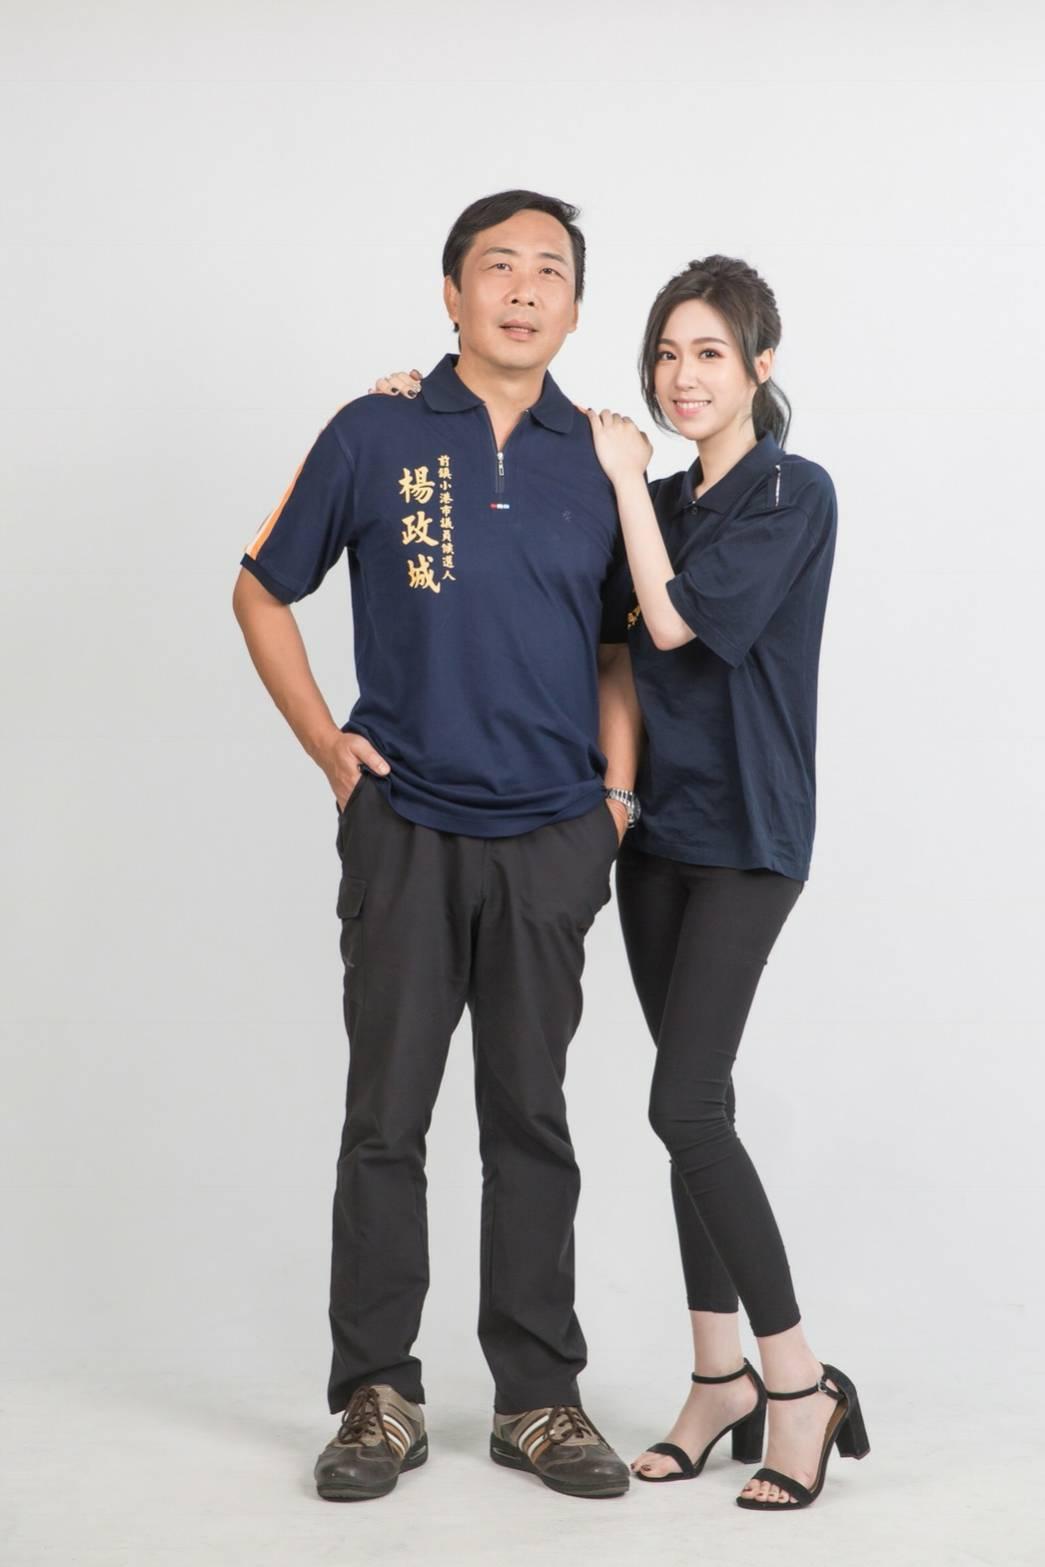 高雄PK褲子大王老闆楊政城6個月前投入選戰,他日前PO出與女兒的合照,頓時成了「...